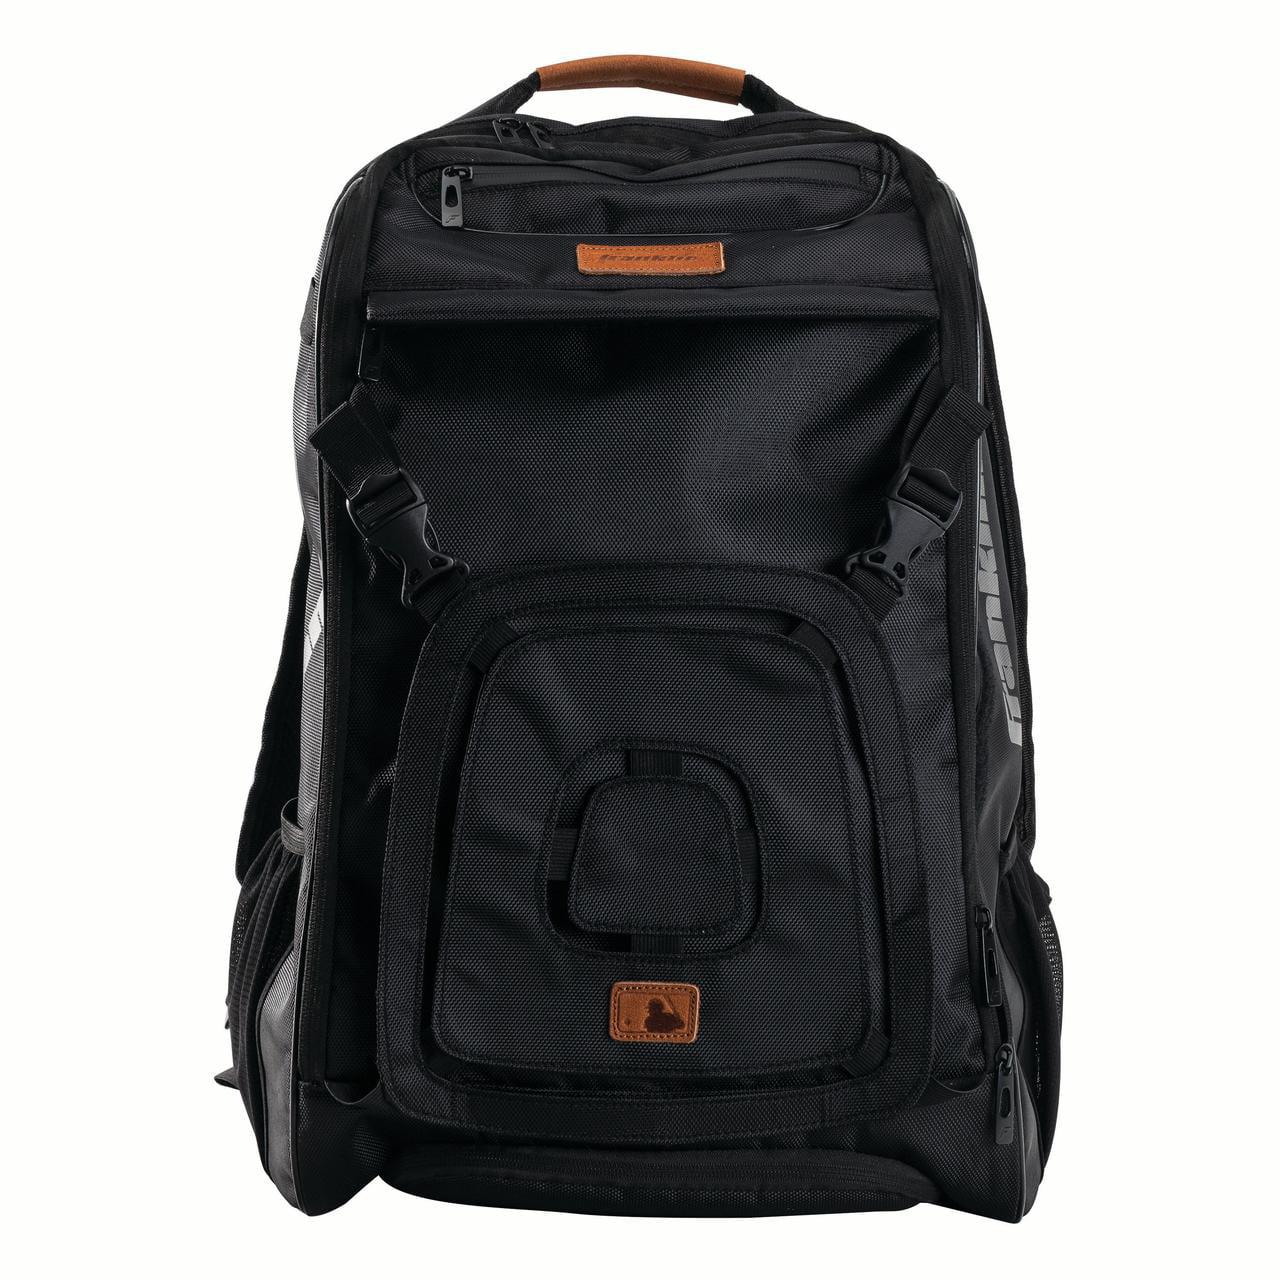 Franklin Sports MLB Traveler Plus Batpack, Black